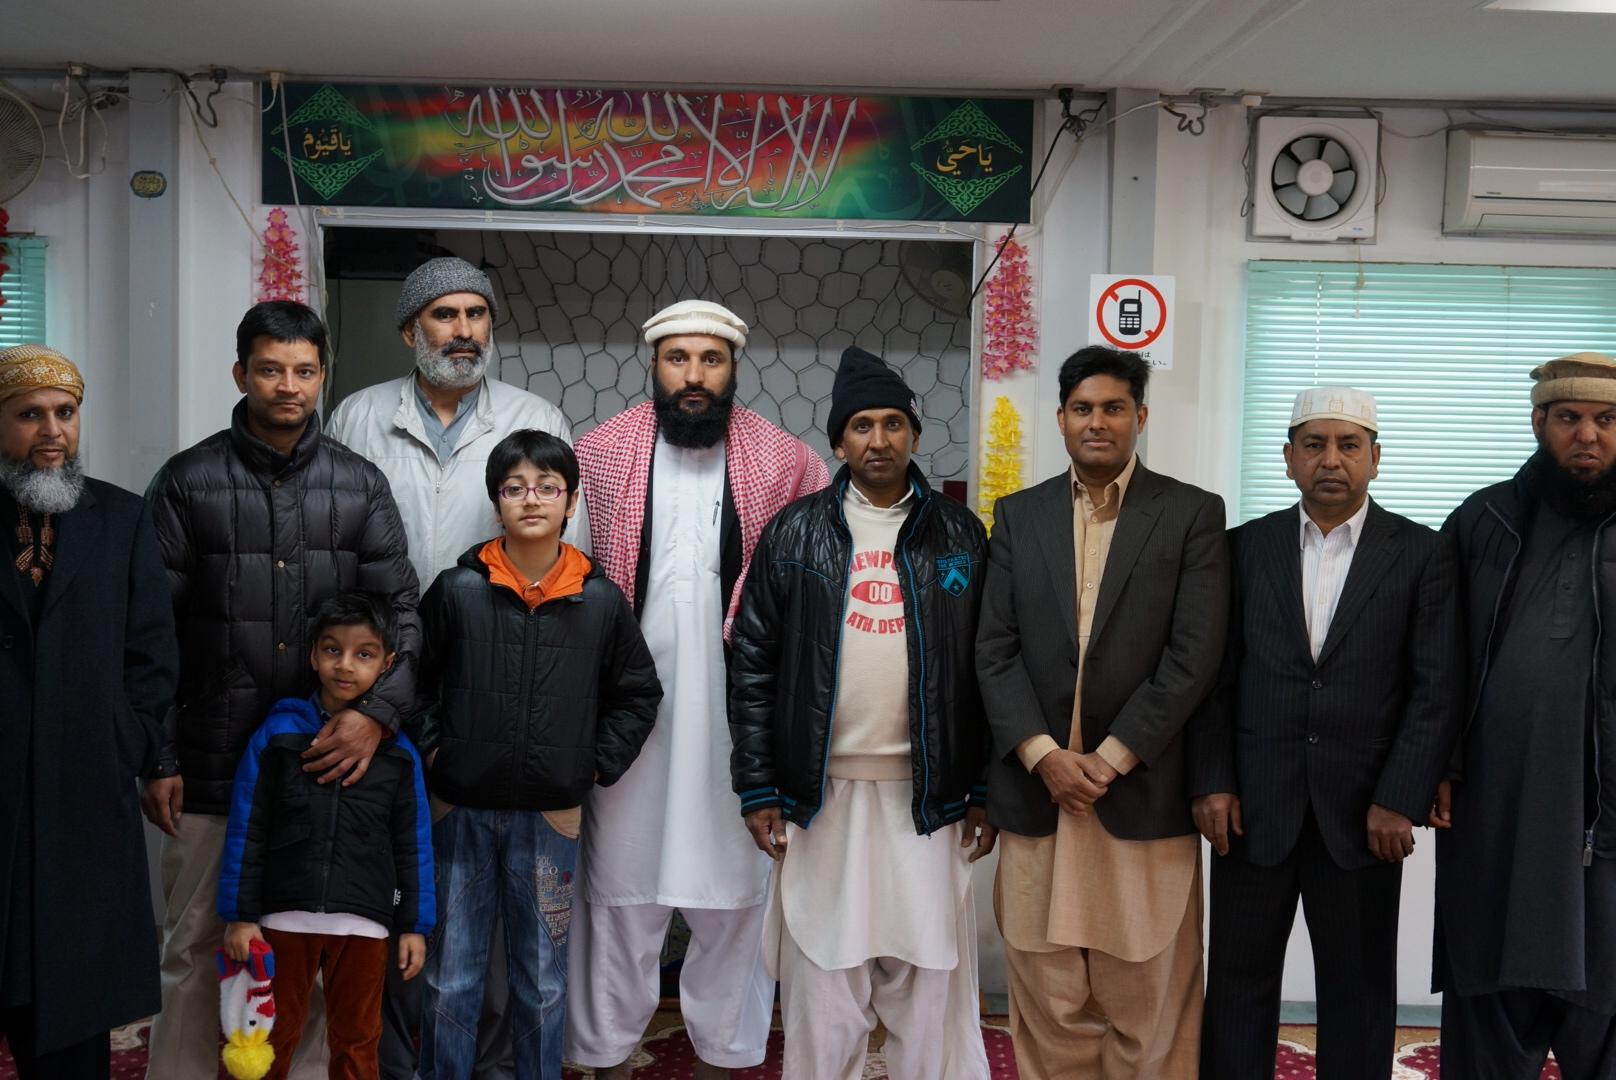 新潟東港の外国文化レポその③「イスラム教のモスクを訪ねる」